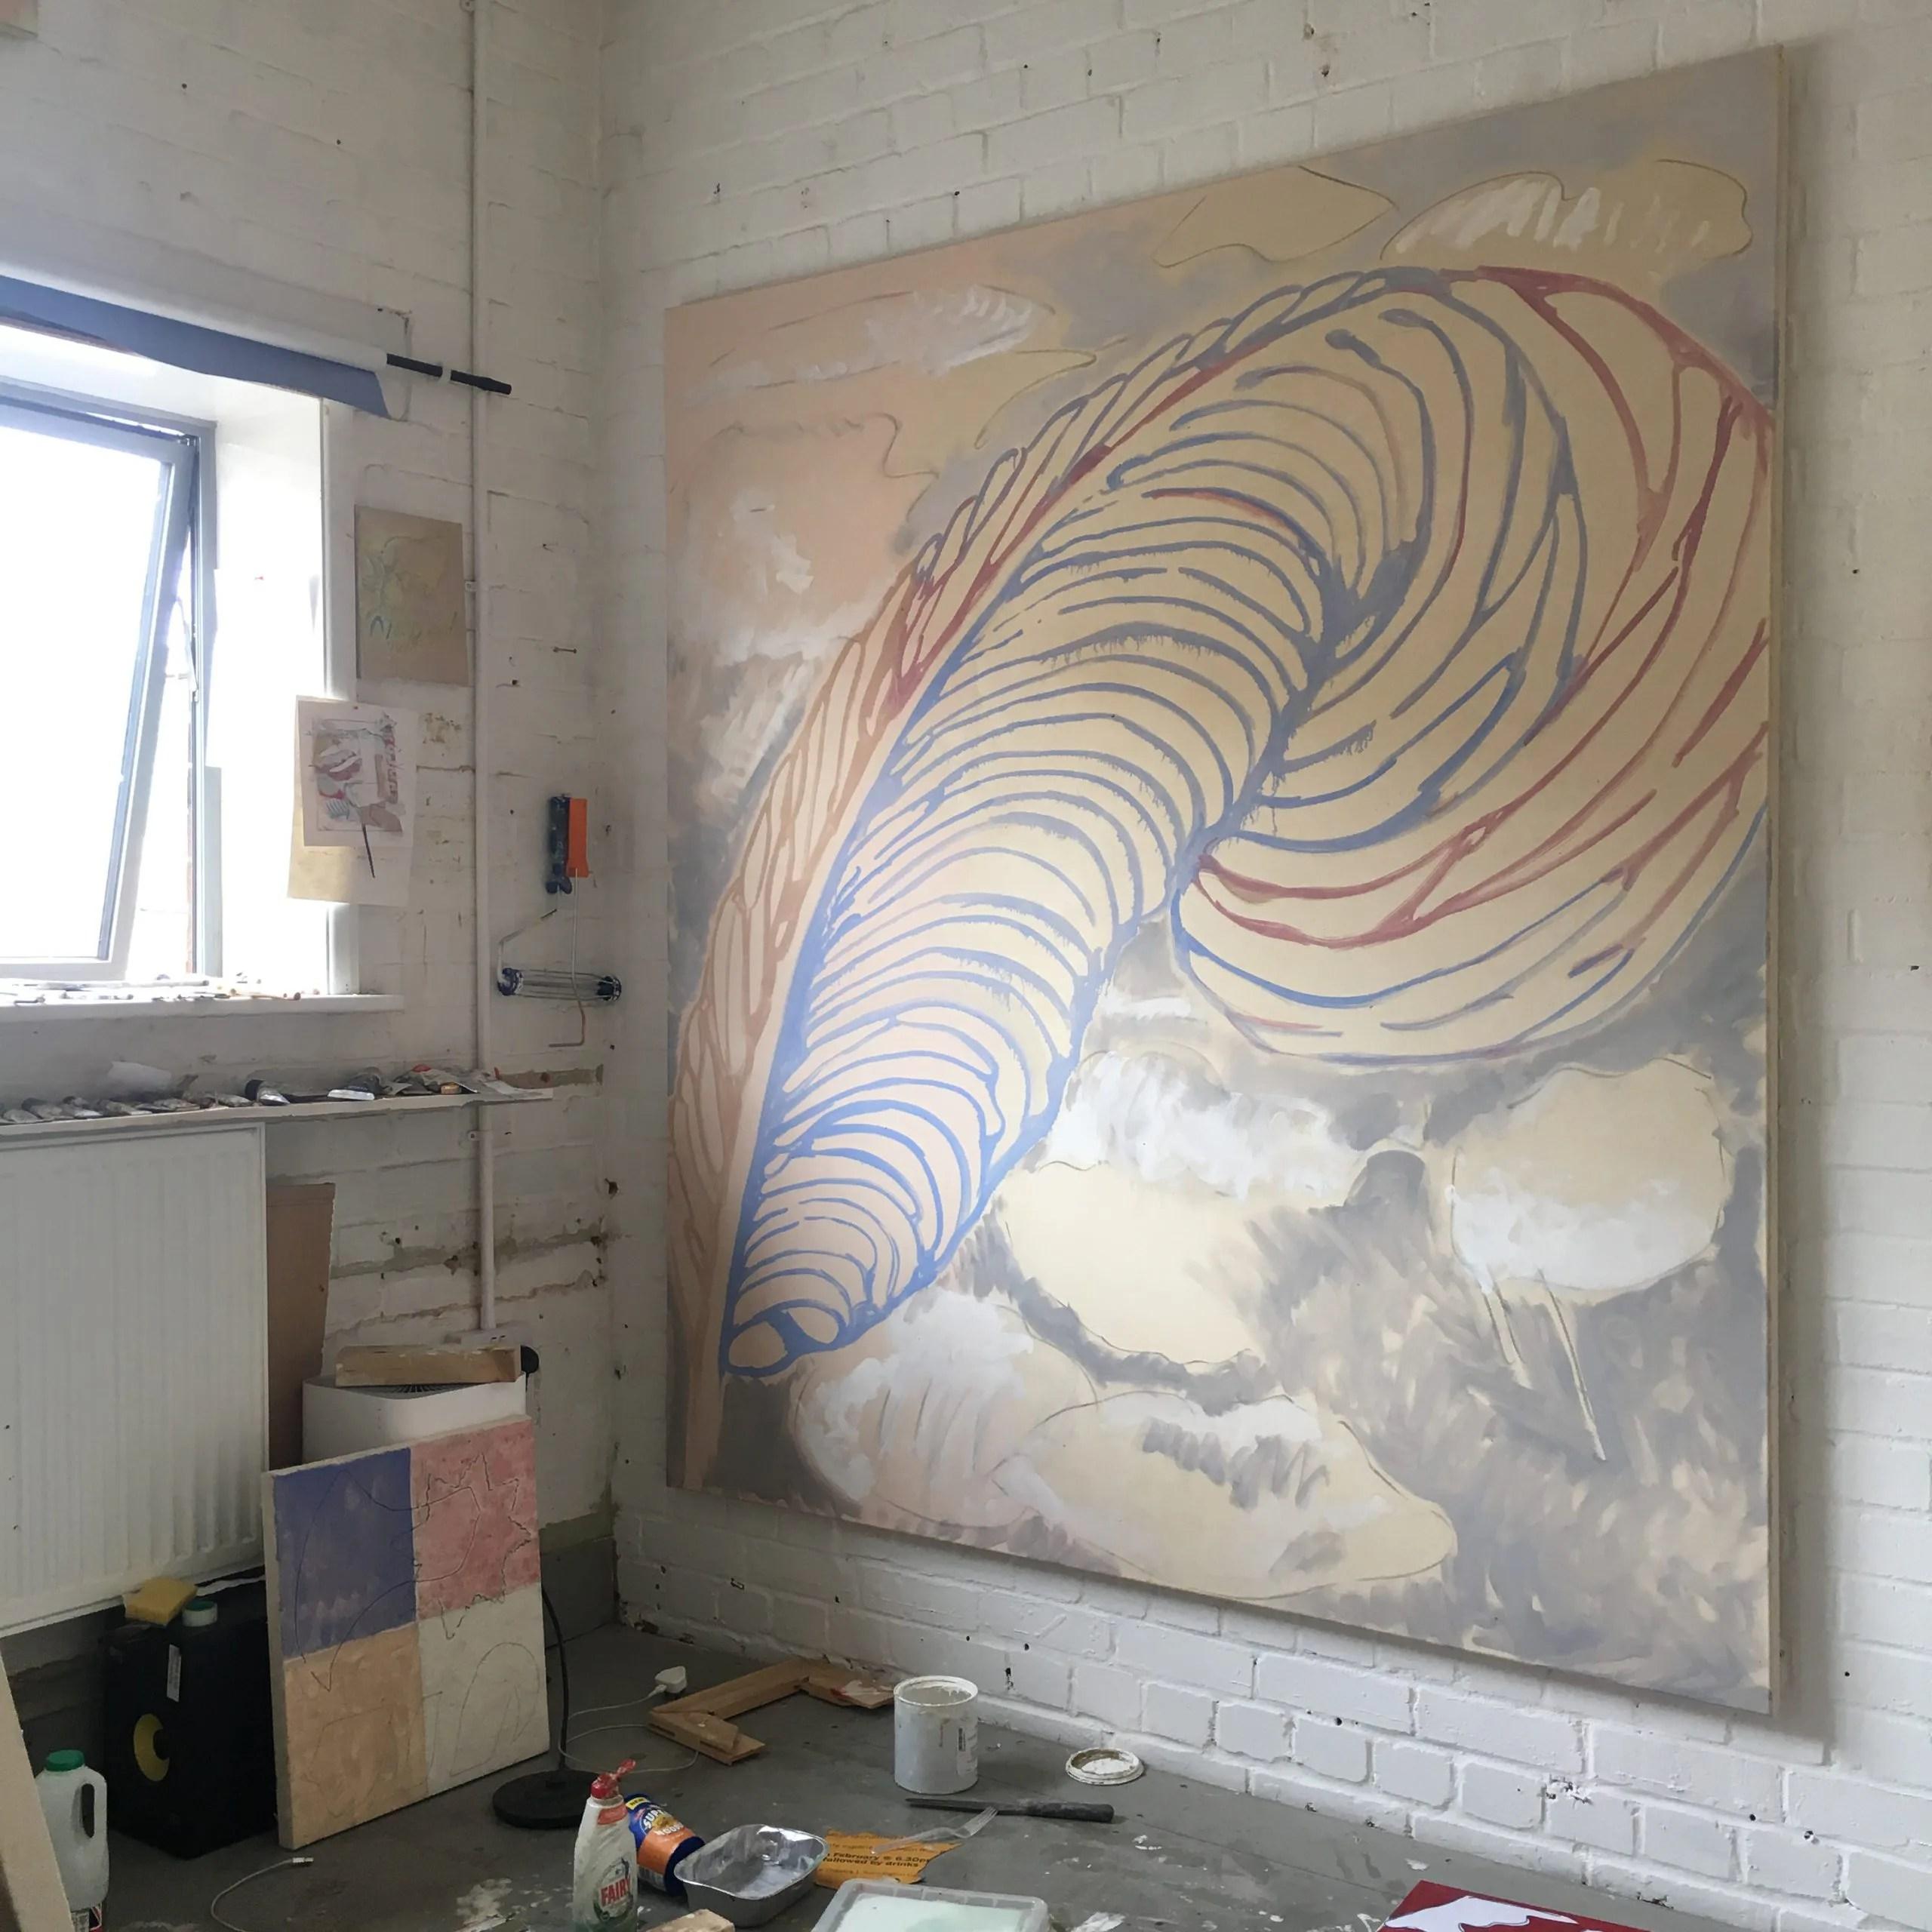 Plucked, 2018, oil on canvas – Daniel Pettitt